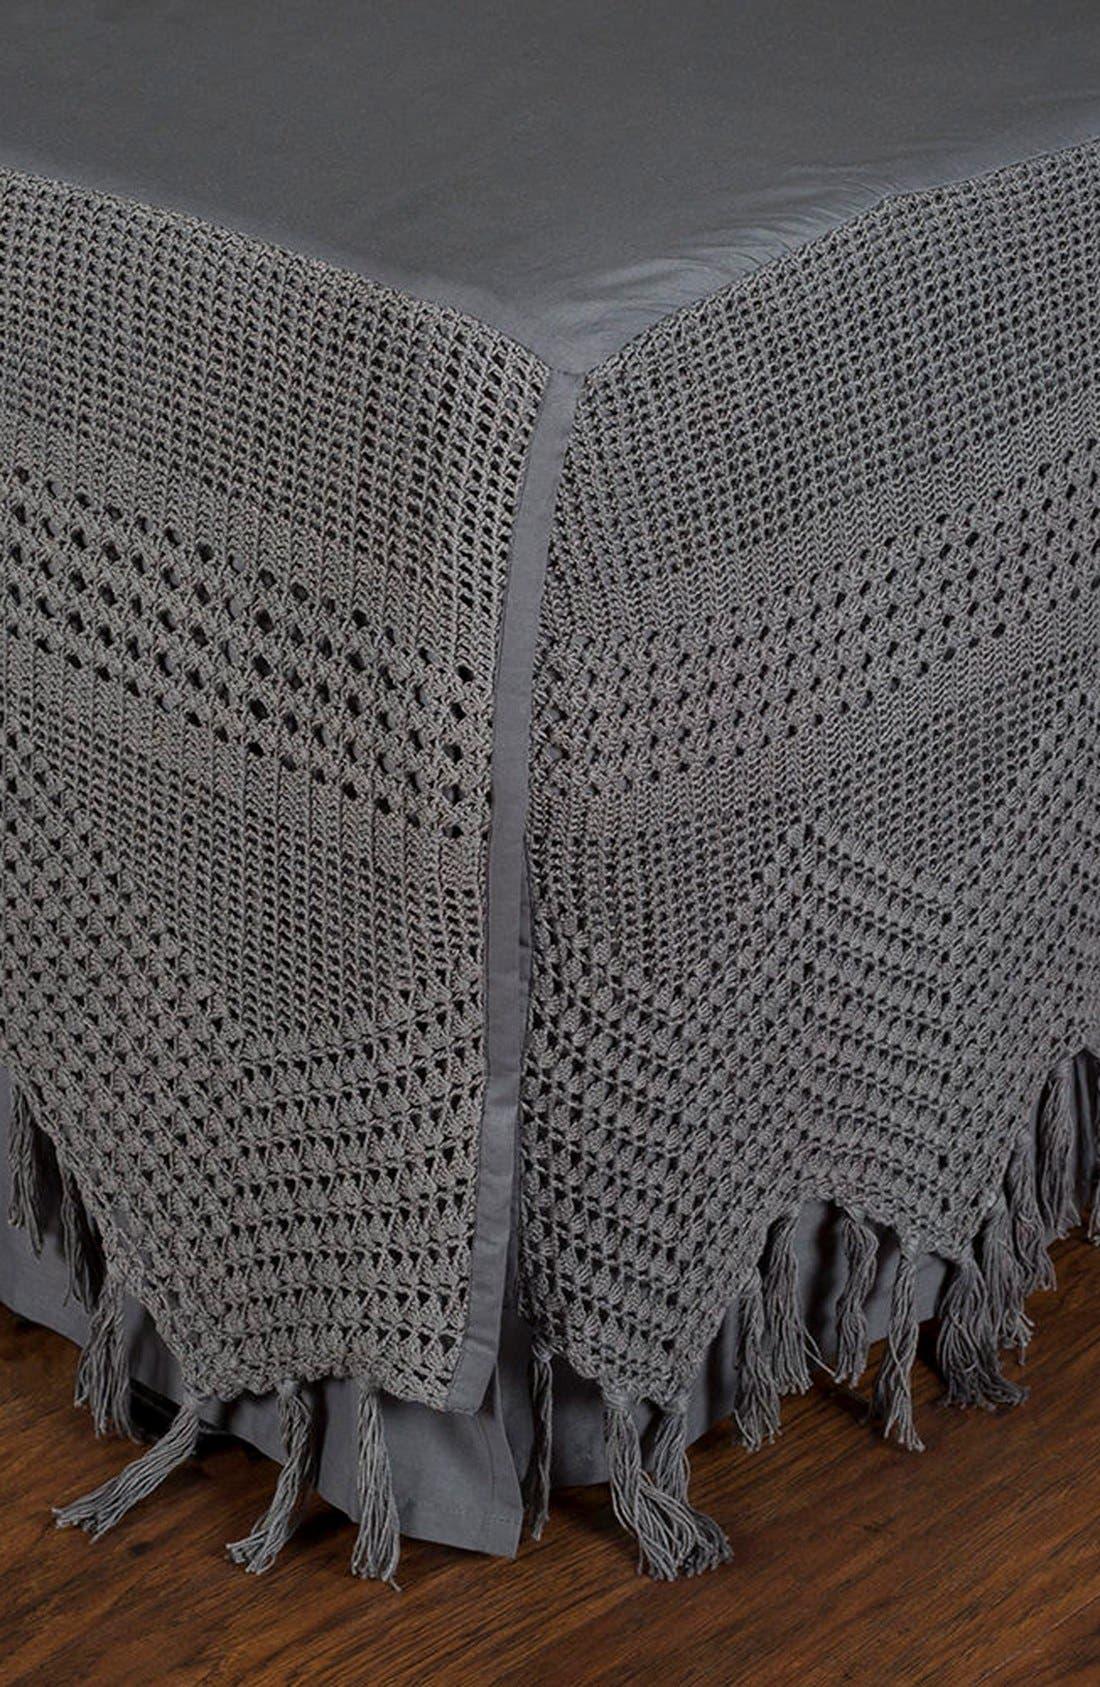 Alternate Image 1 Selected - Pom Pom at Home King Crochet Bed Skirt